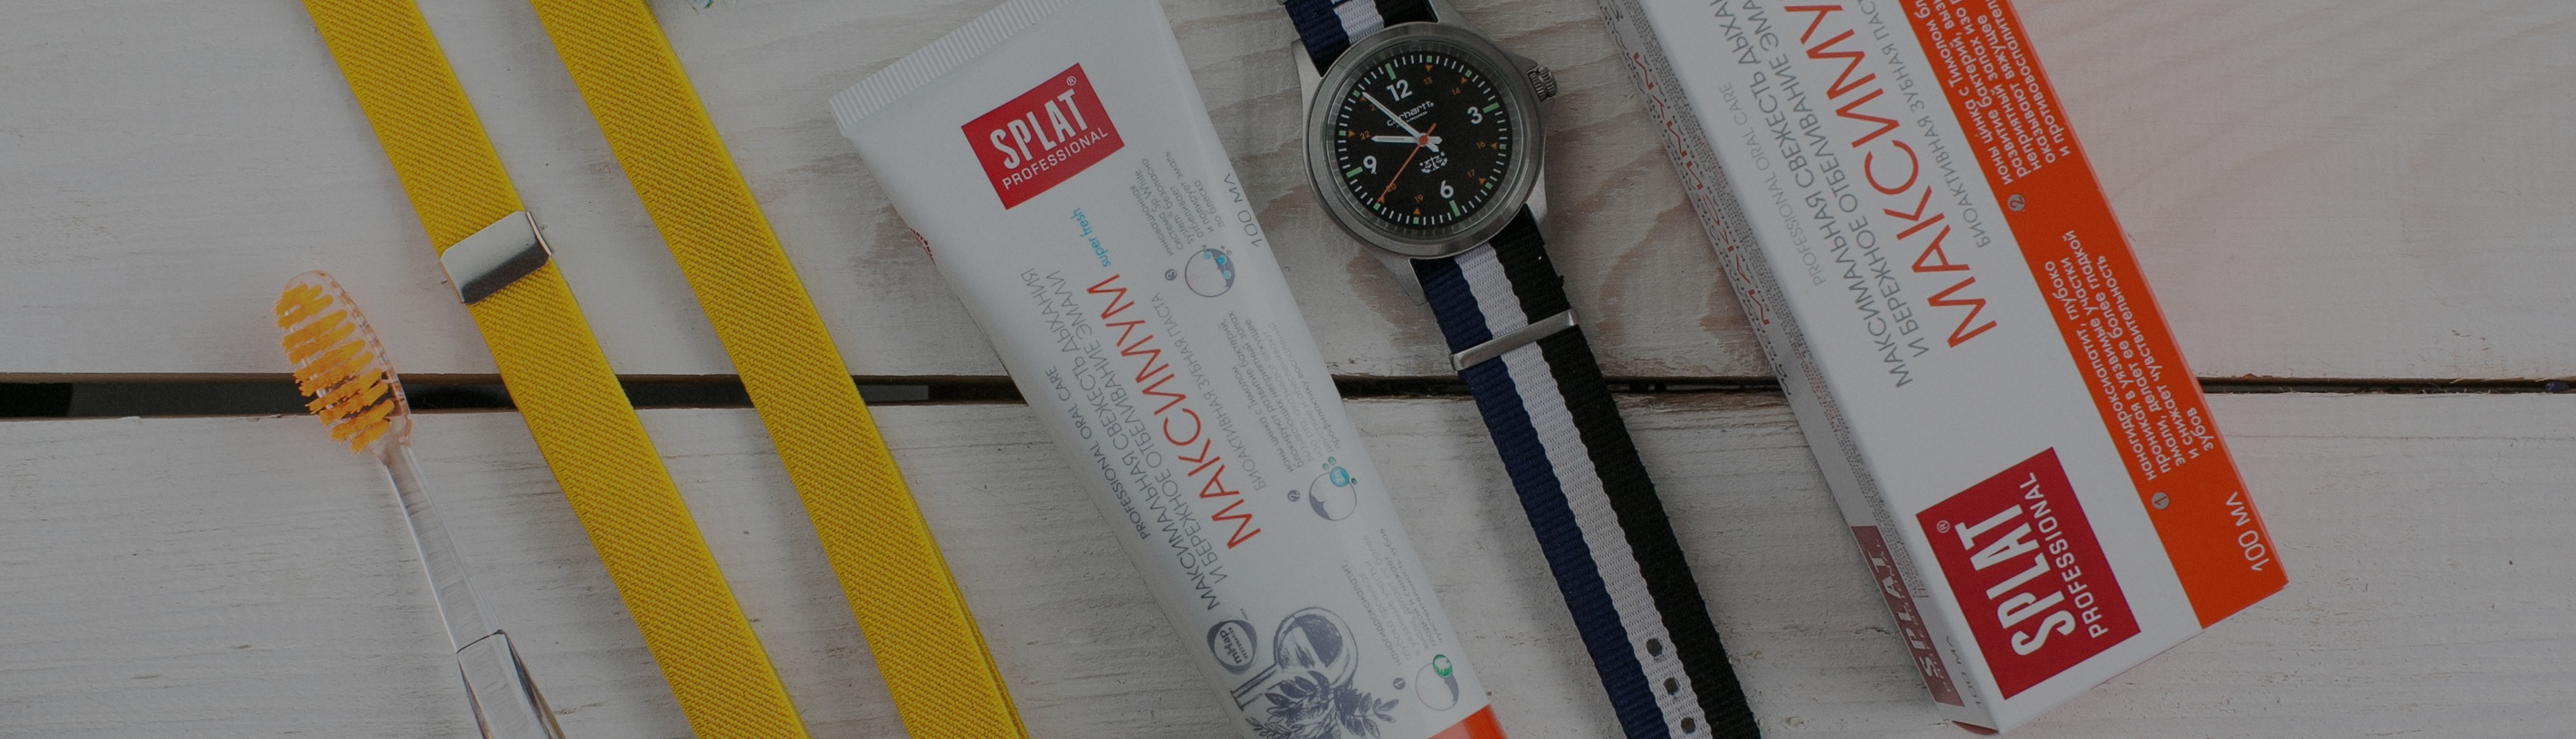 SPLAT (СПЛАТ) - зубная паста серии Professional